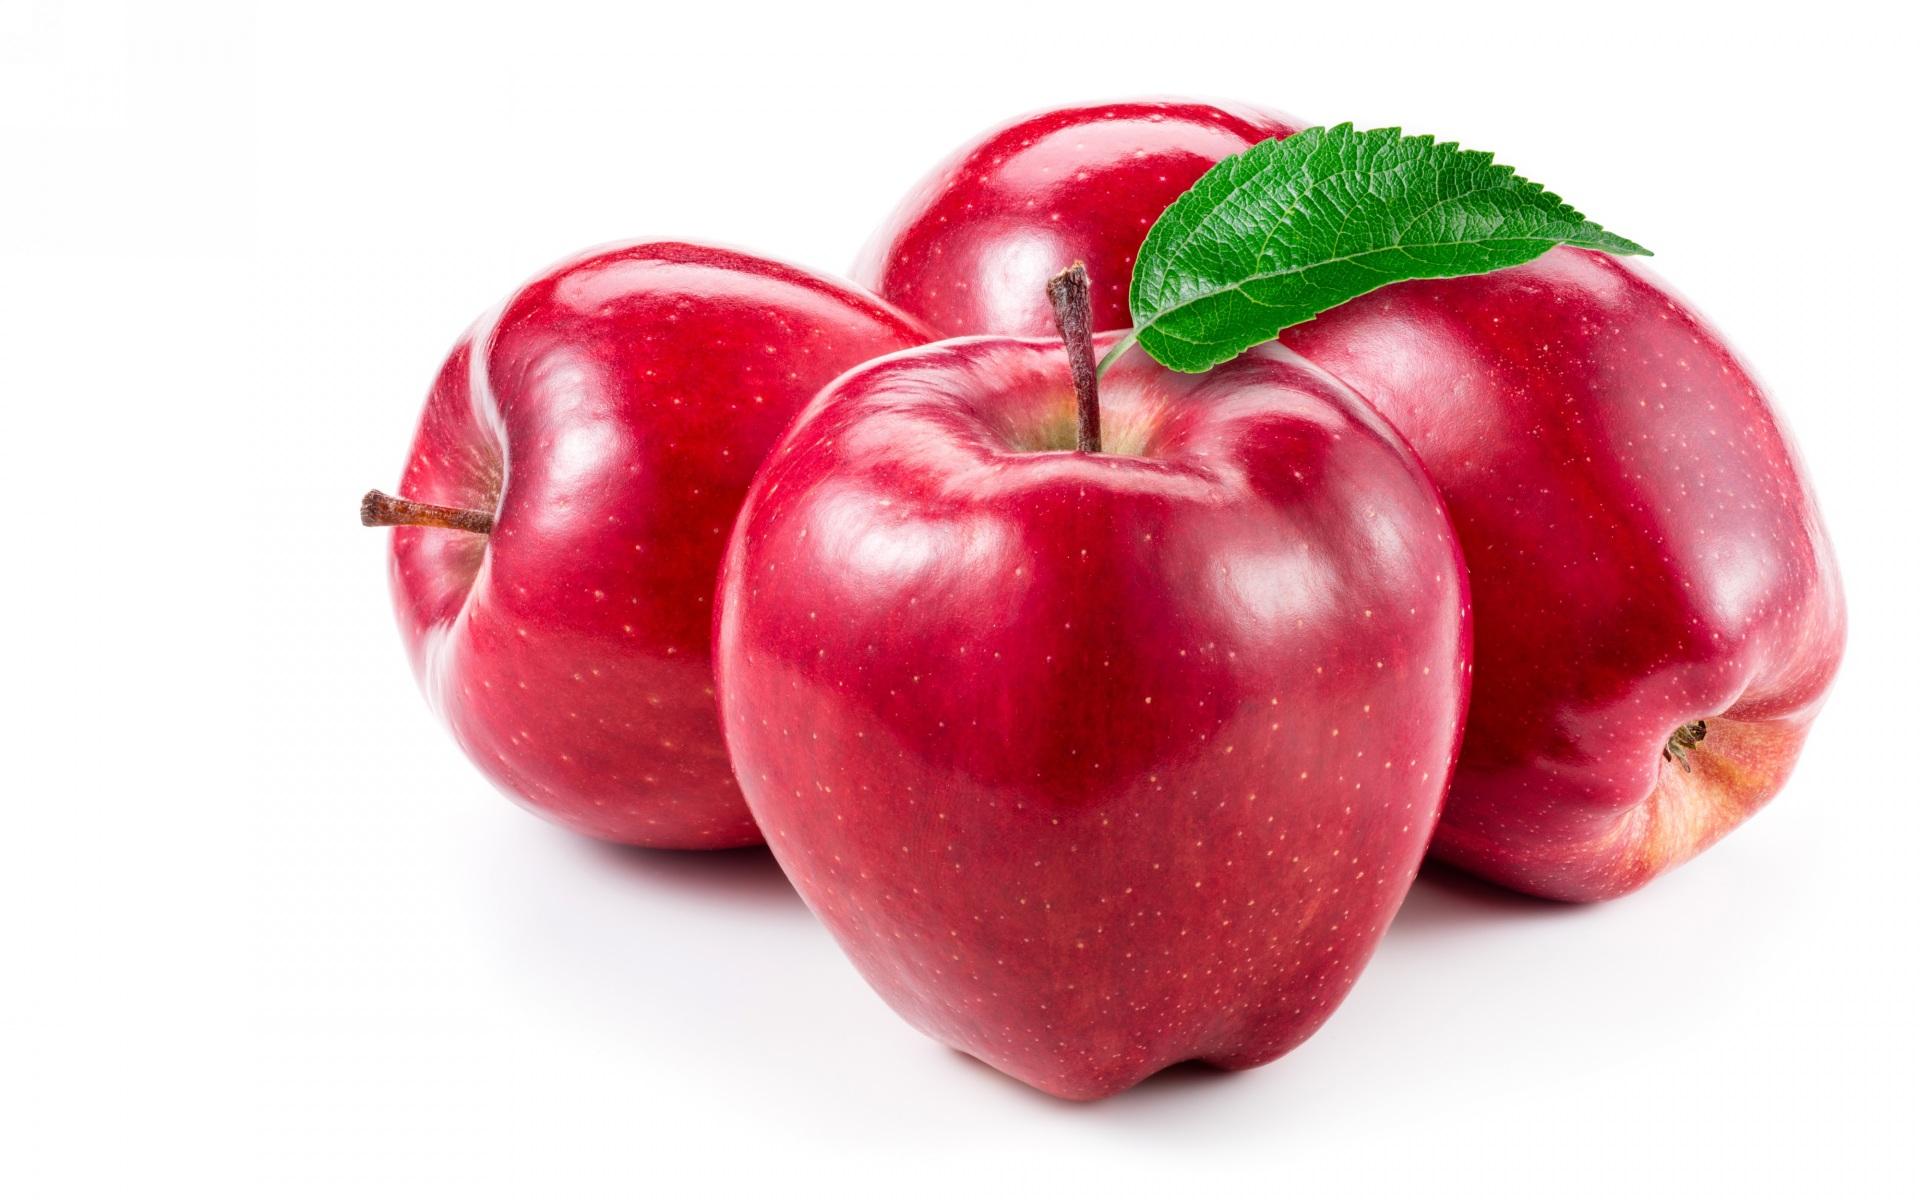 Bilder von Rot Äpfel Lebensmittel Großansicht Weißer hintergrund 1920x1200 das Essen hautnah Nahaufnahme